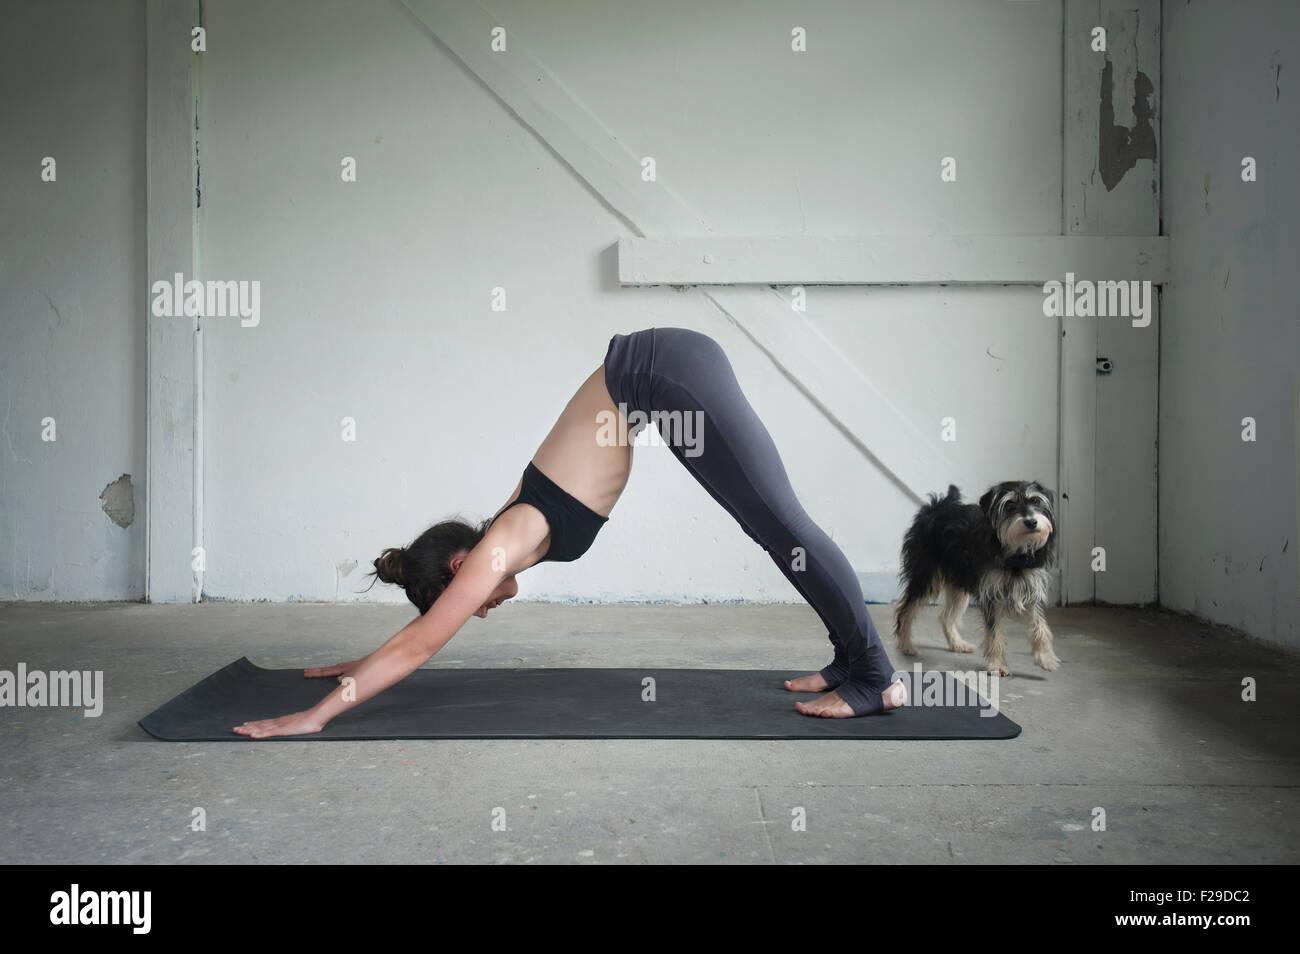 Metà donna adulta pratica cane con la testa in giù pongono in studio di yoga, Monaco di Baviera, Germania Immagini Stock